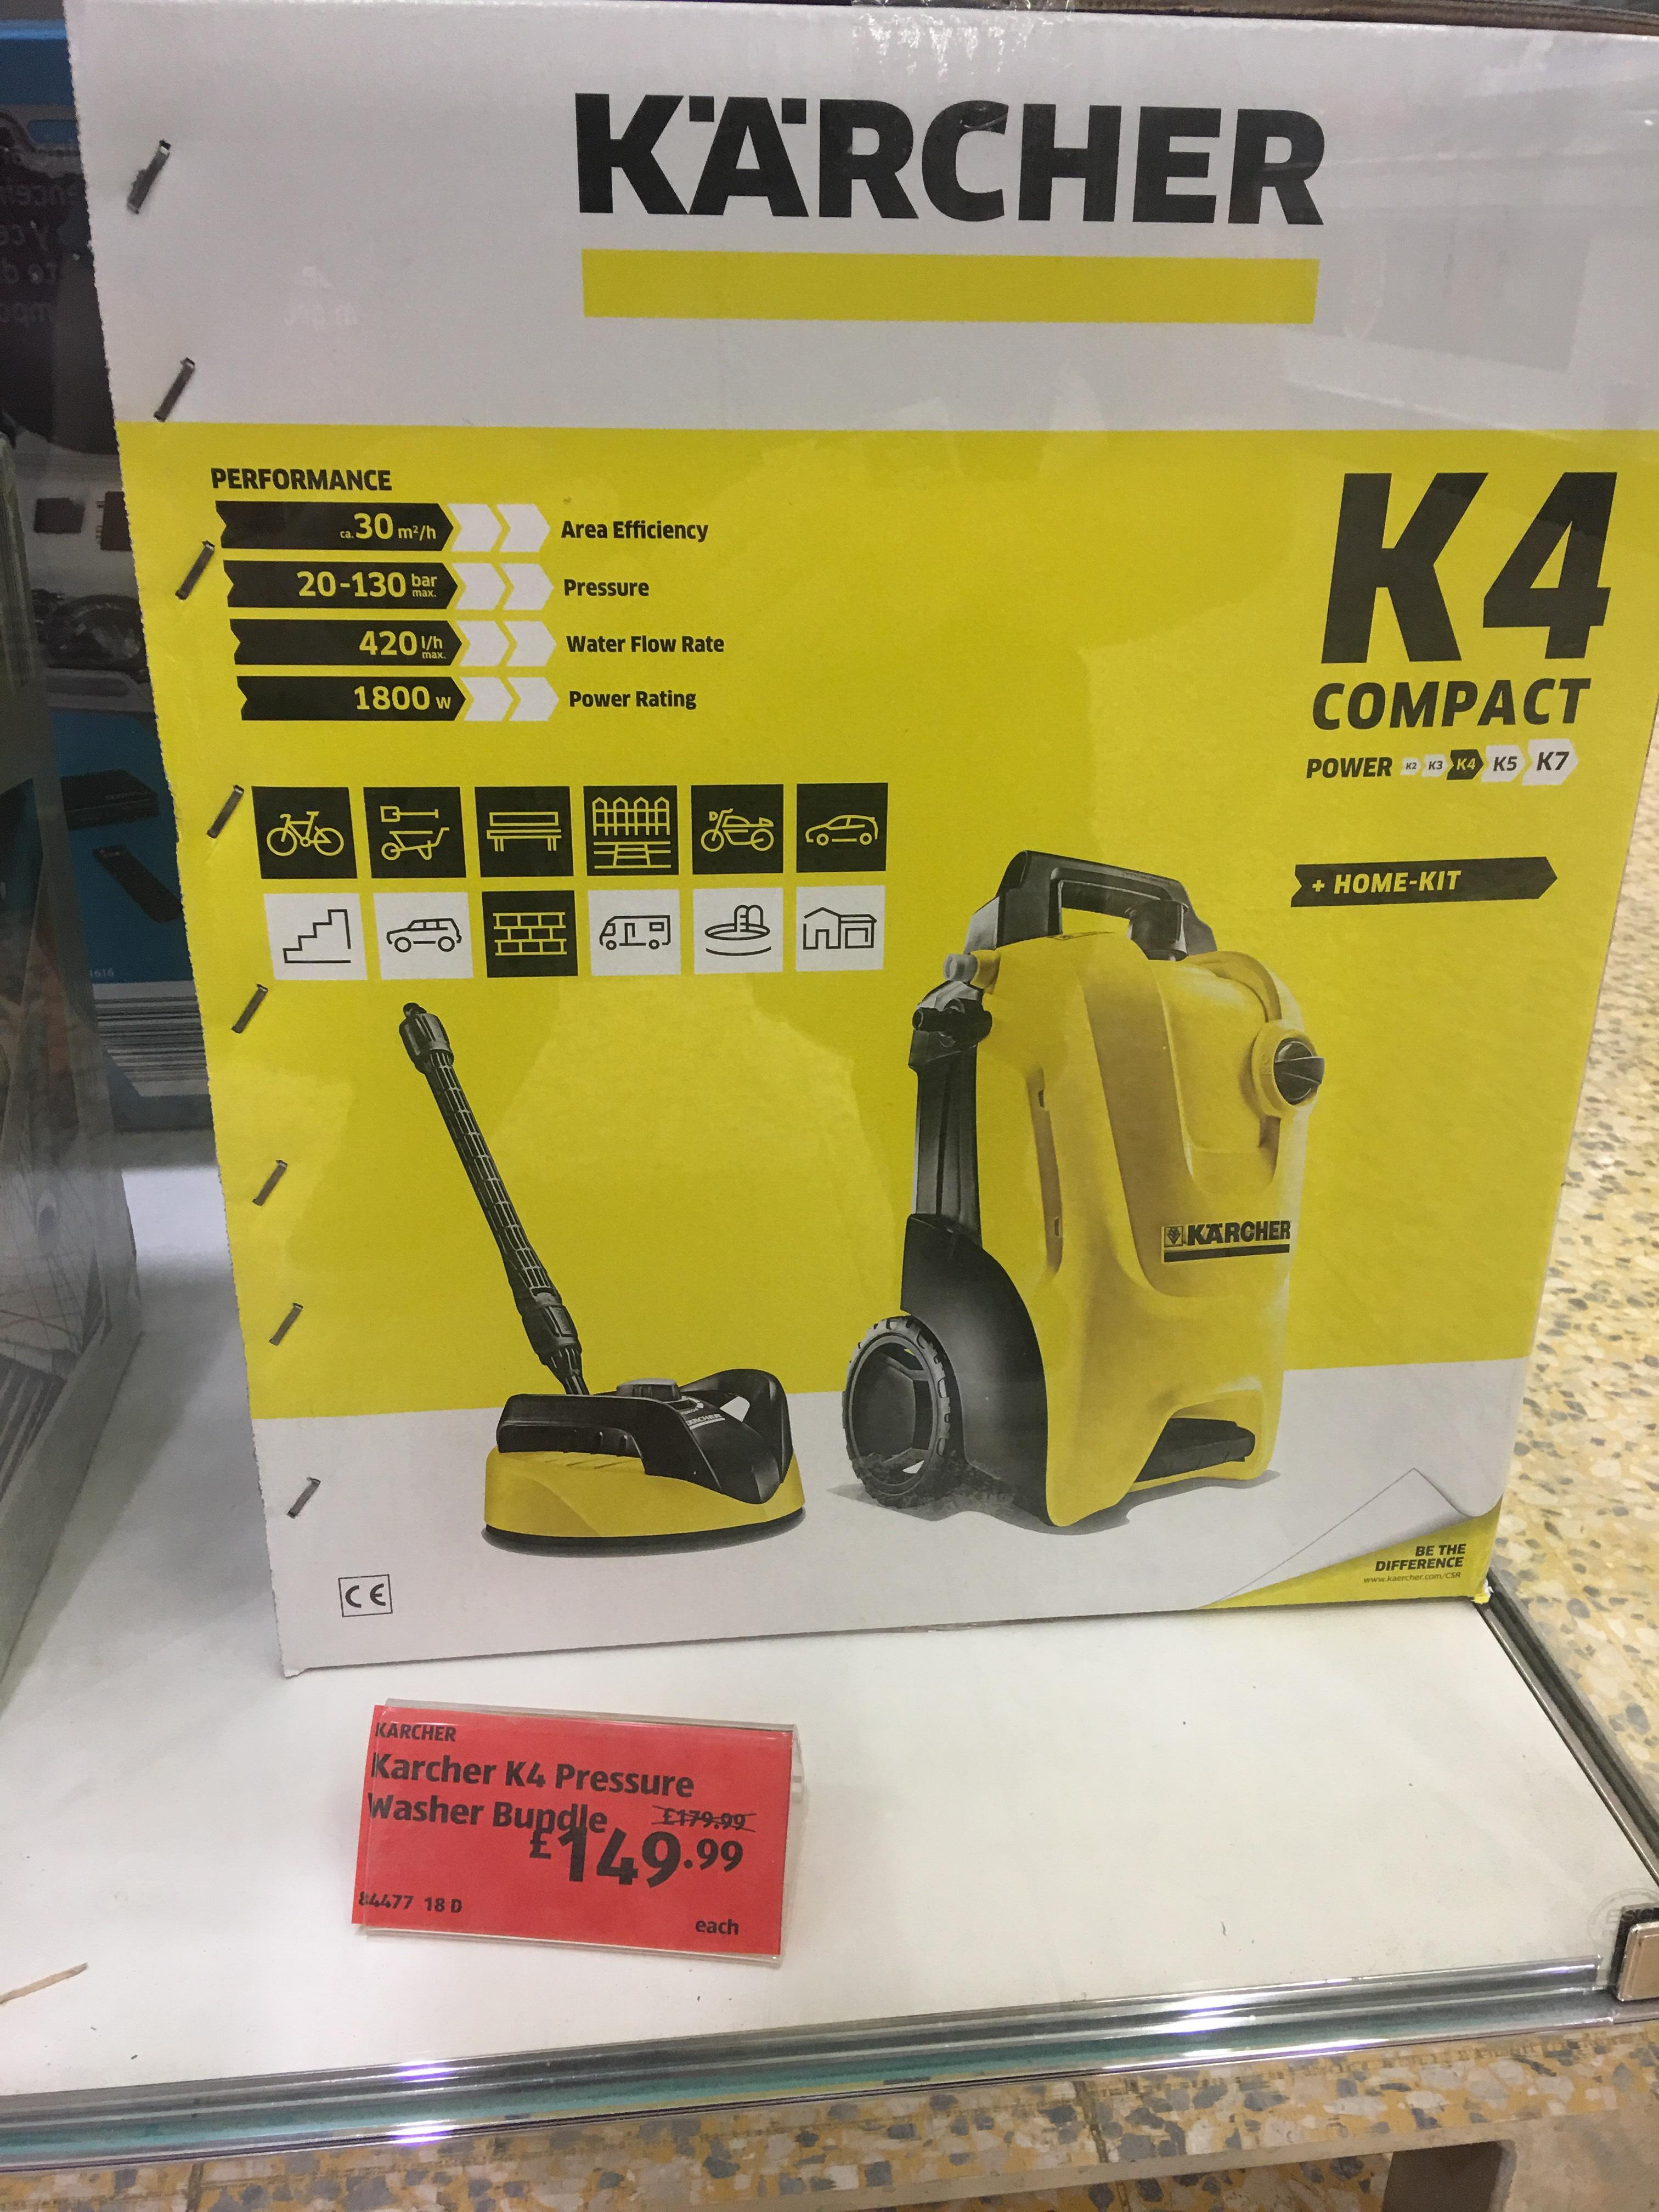 Karcher K4 Pressure washer bundle £149.99 @ Aldi instore